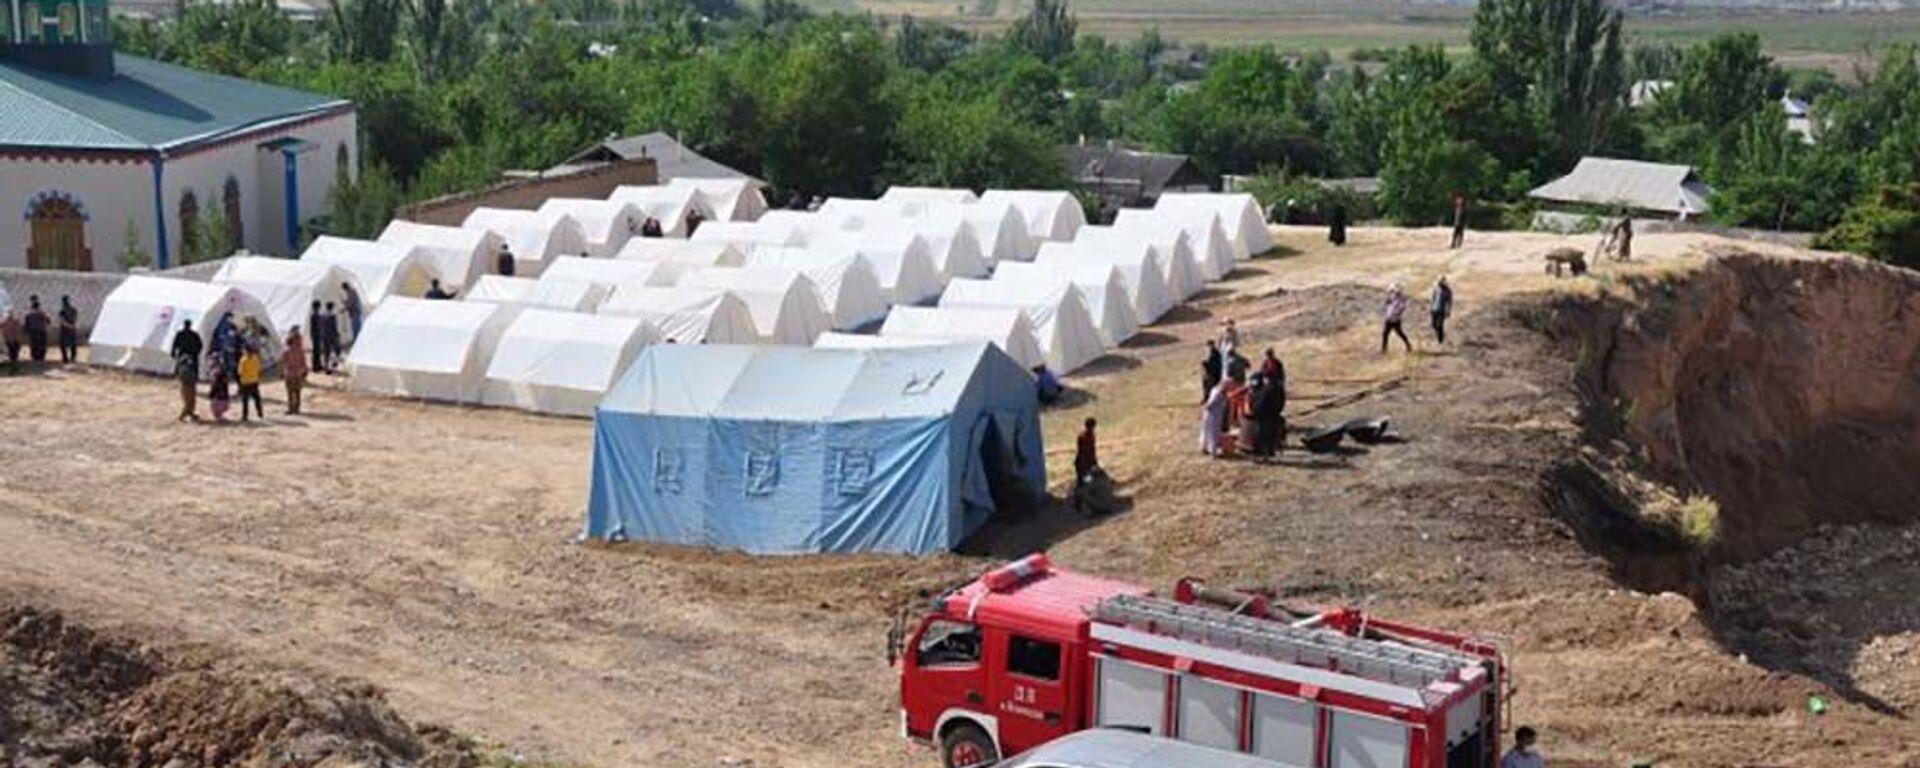 Временный лагерь для жителей Хурсона пострадавших от стихийного бедствия - Sputnik Таджикистан, 1920, 04.06.2021